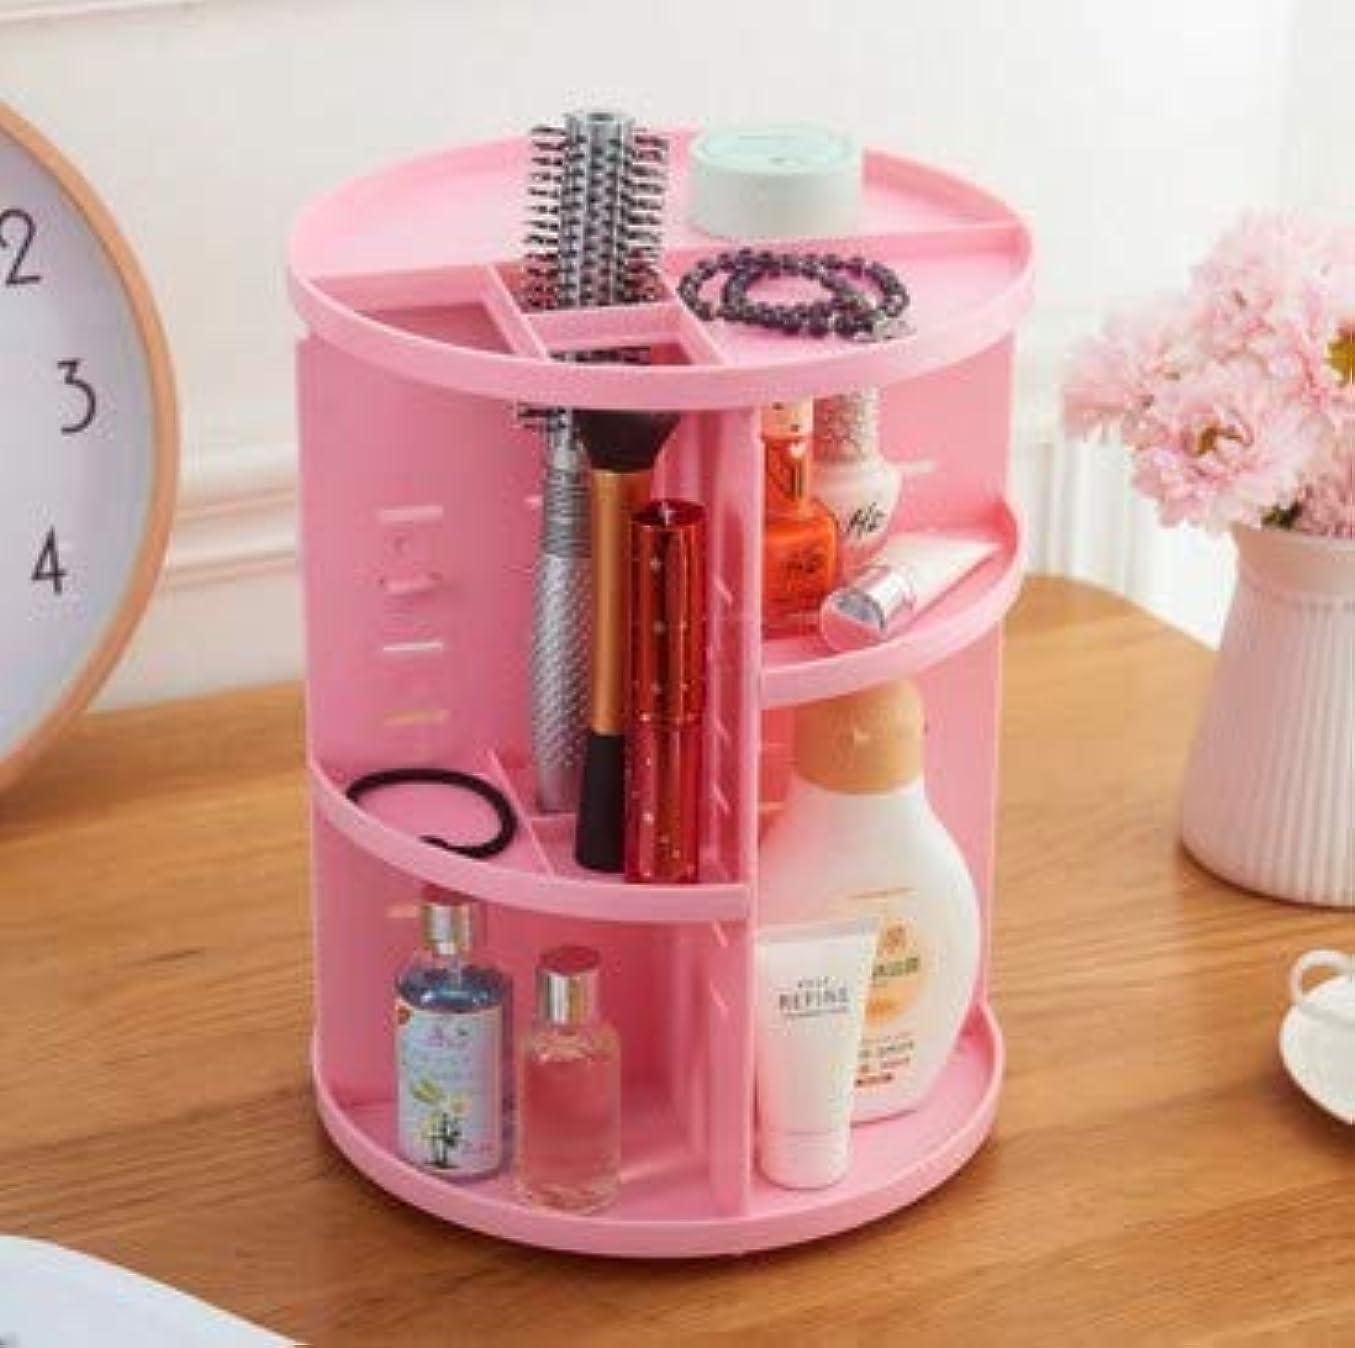 ギャロップレパートリー手順デスクトップロータリー収納ボックス多機能プラスチックバスルーム仕上げボックス化粧品収納ボックス (Color : ピンク)